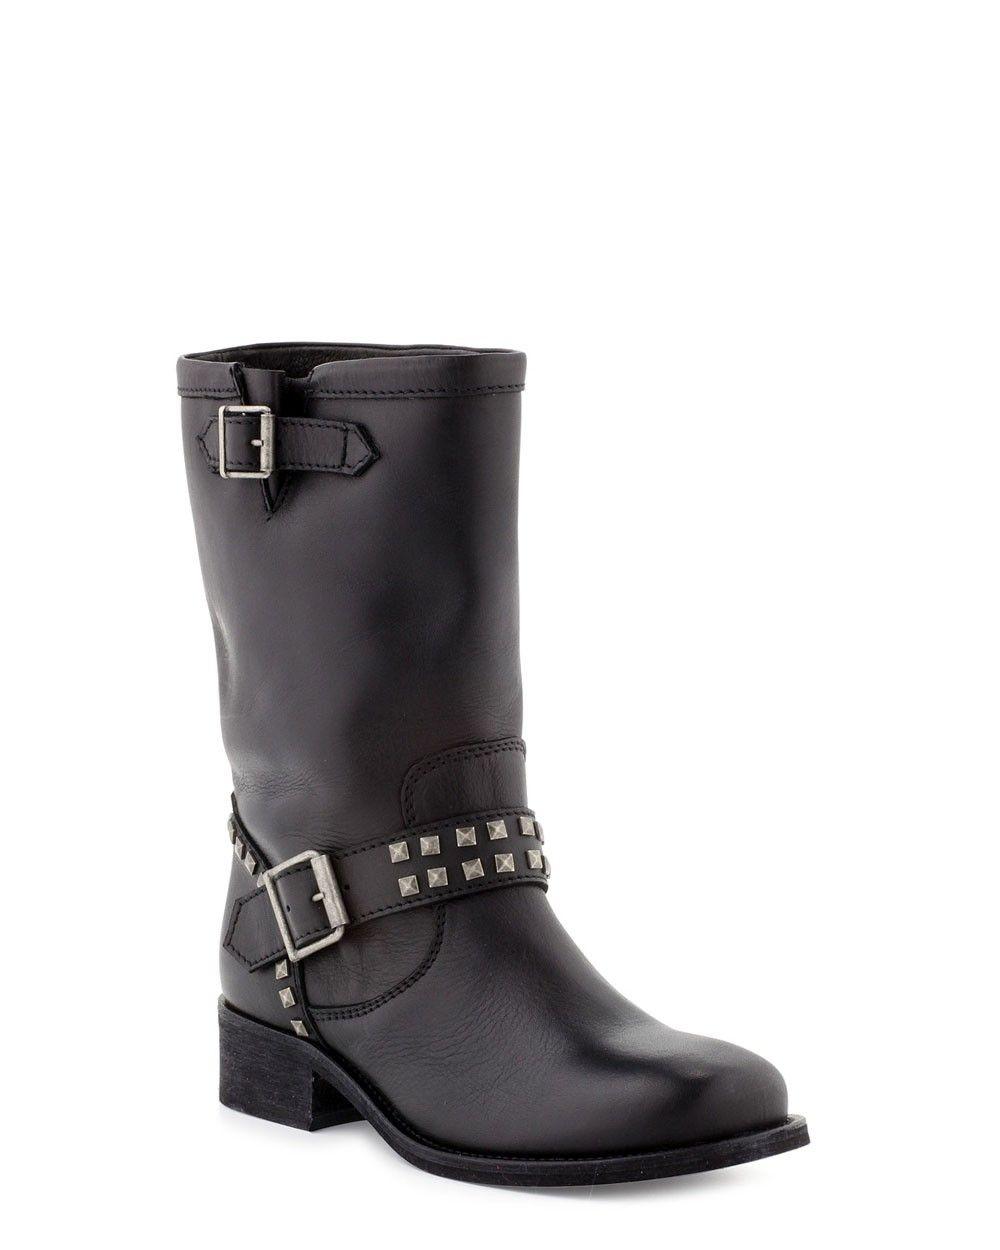 00410e690373a Boots - Bistols - Tendances You Rock - Chaussures Femme Automne Hiver